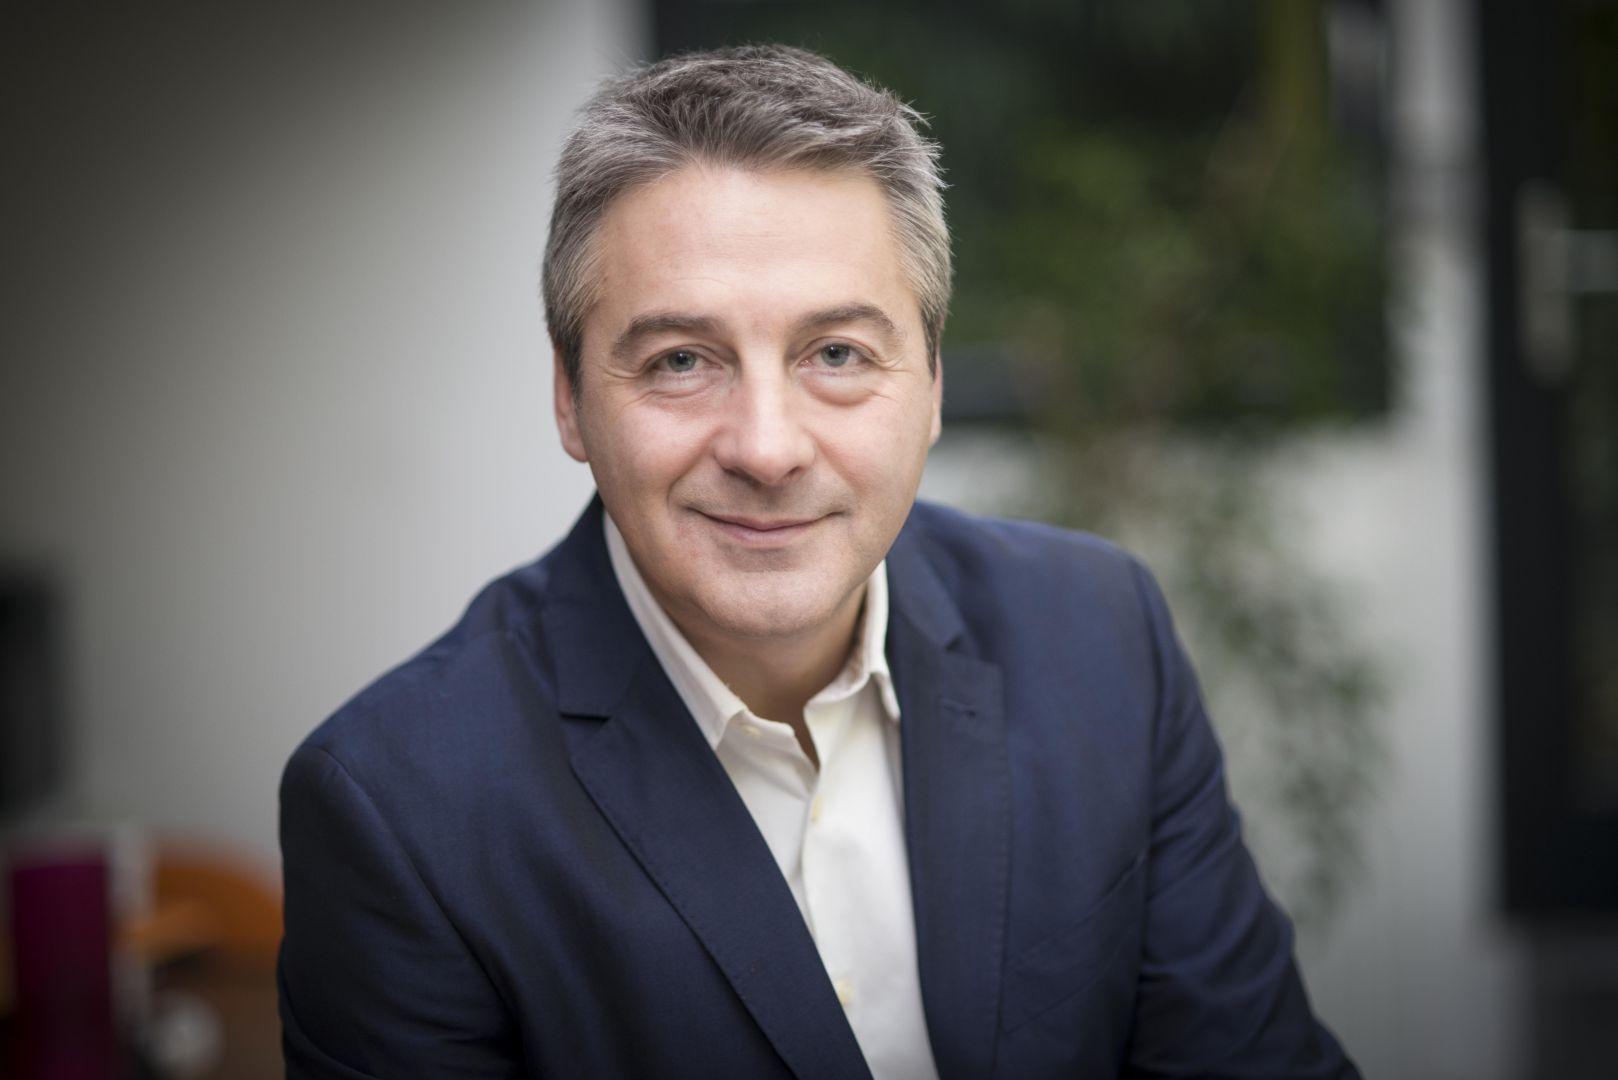 «Employabilité : c'est à vous de bouger !», Emmanuel Stanislas, fondateur de Clémentine, Cabinet de recrutement digital & IT